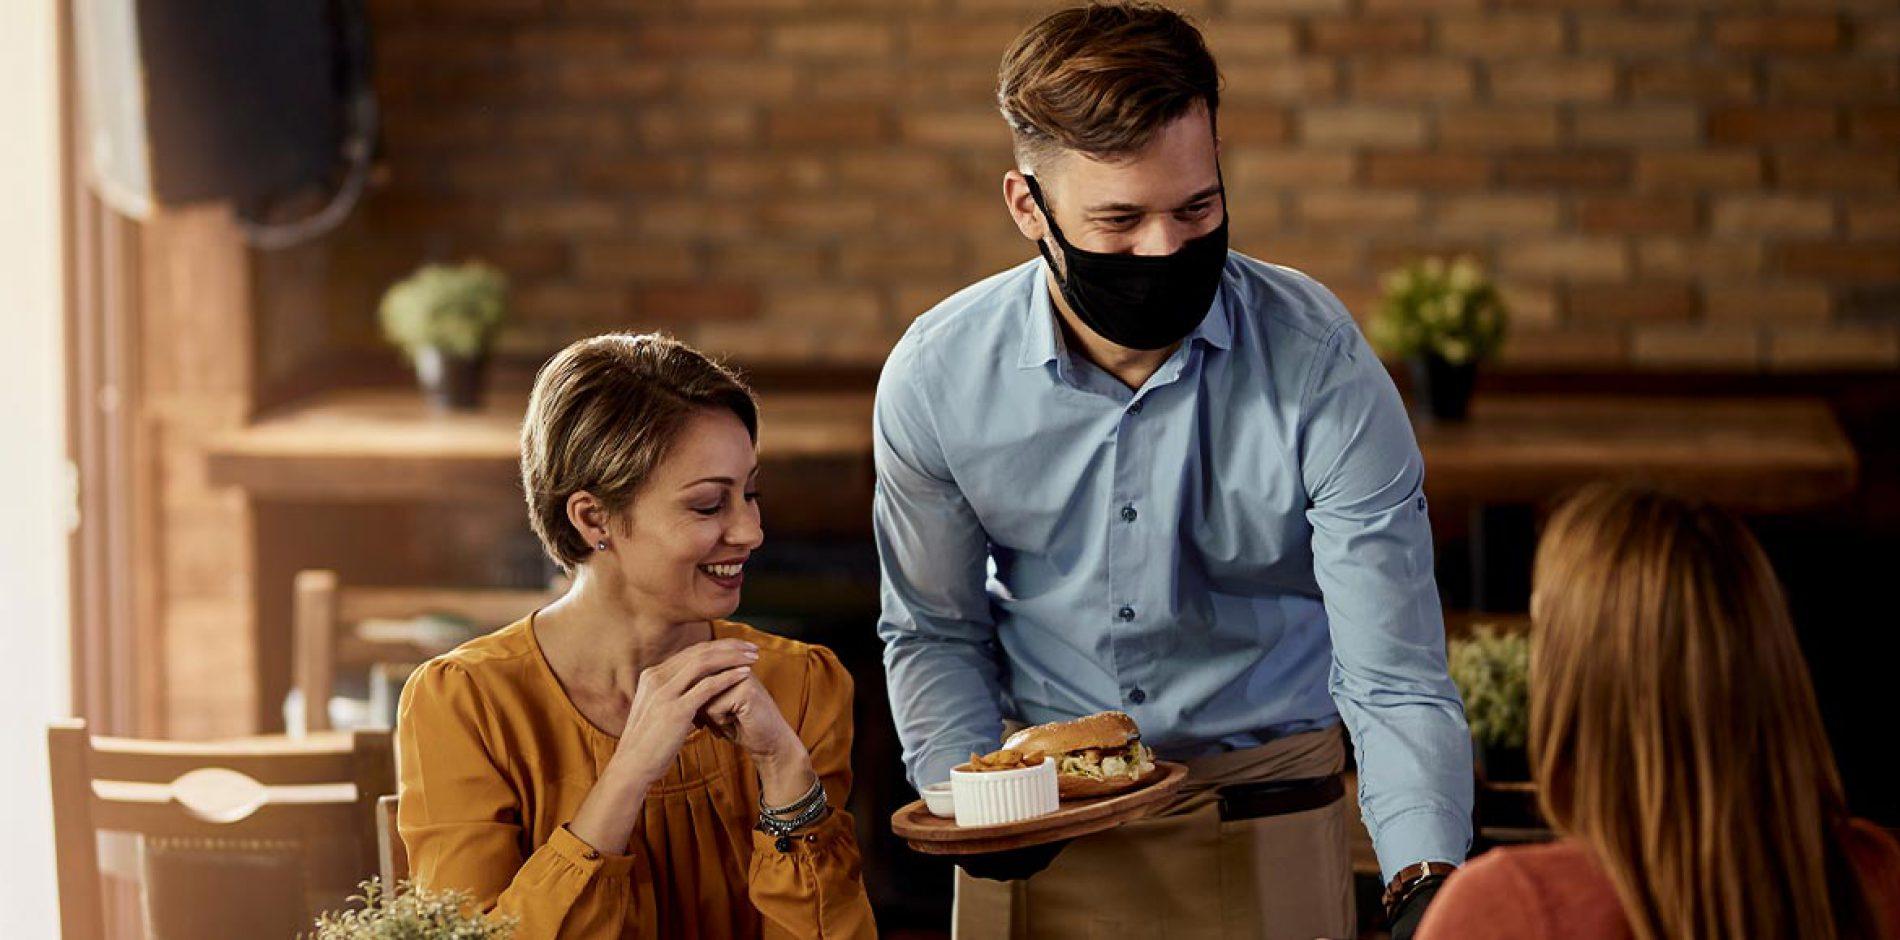 Legittimo rifiutare di servire il cliente senza mascherina [Eufranio Massi]